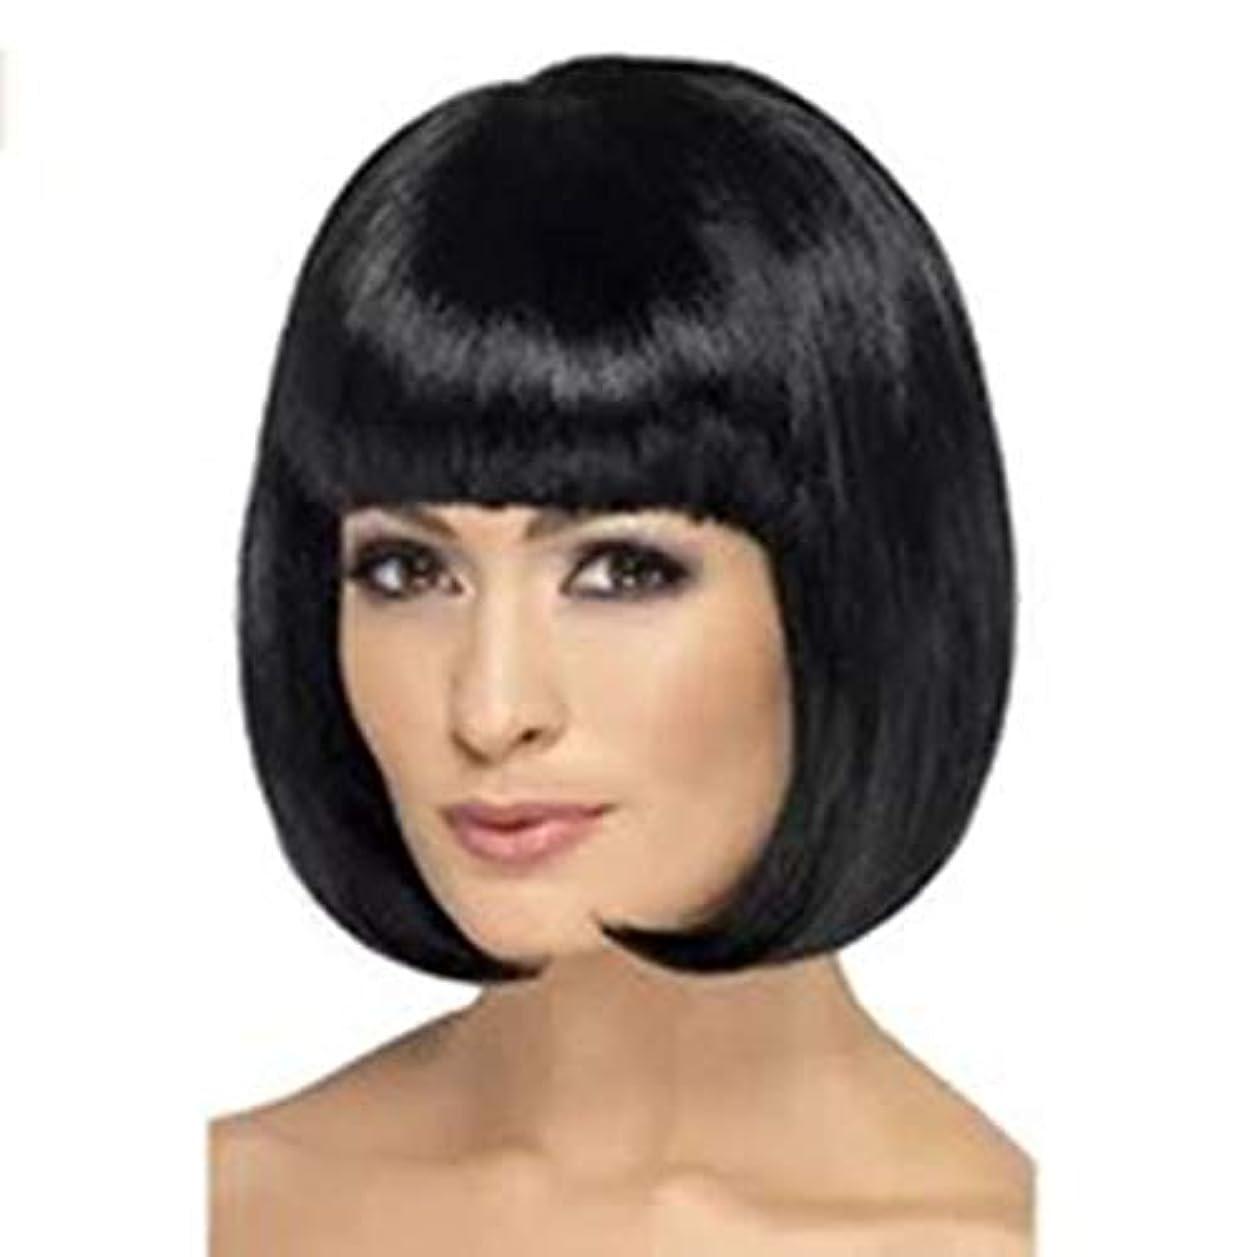 パターンエキスパート熱望するSummerys ボブかつら女性のための平らな前髪ふわふわ自然耐熱交換かつら完全な合成かつら